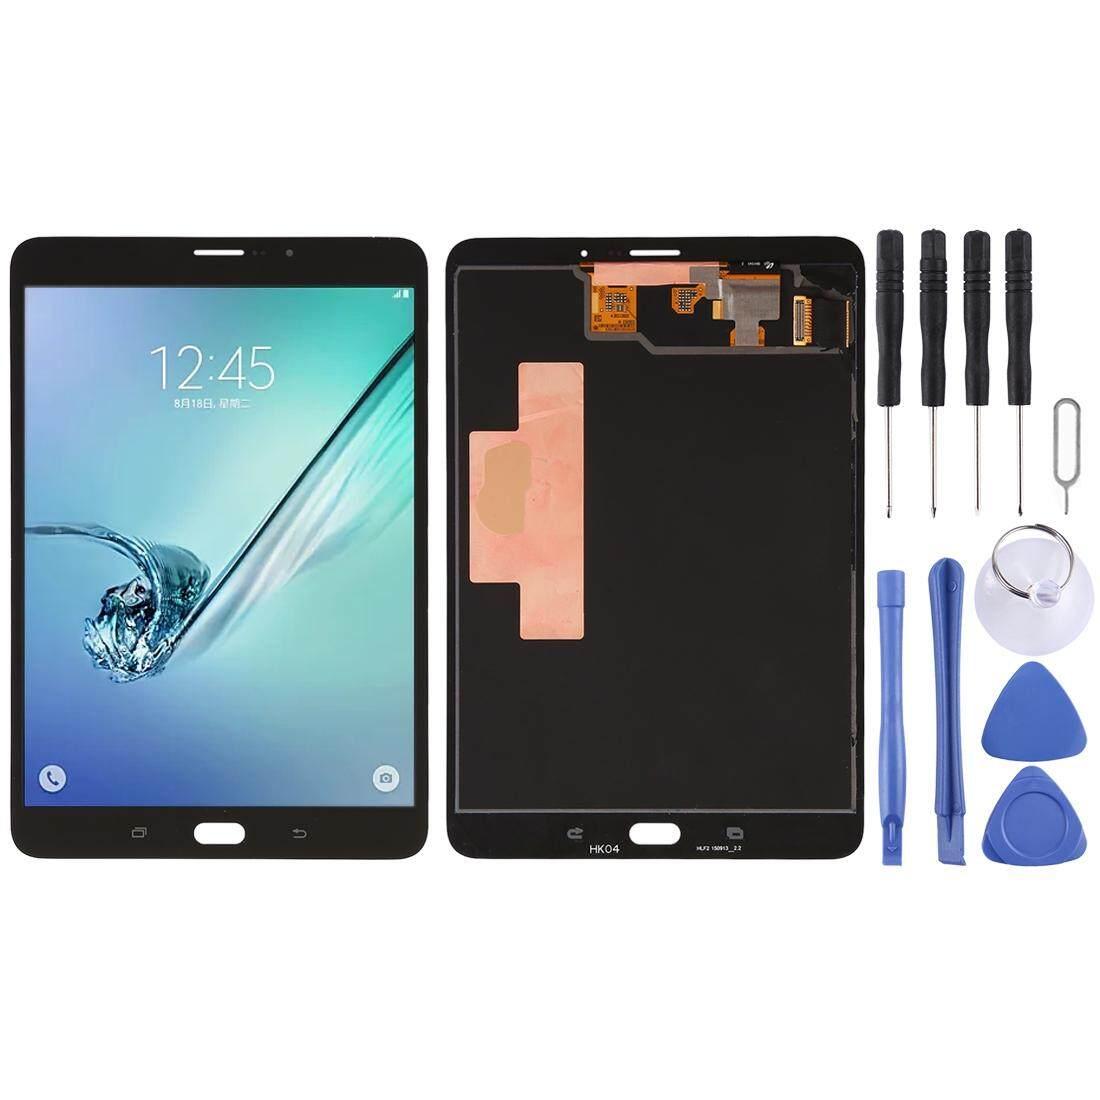 Layar LCD dan Digitizer Penuh Perakitan untuk Samsung Galaxy Tab S2 8.0 LTE/T715/T719 (Hitam)